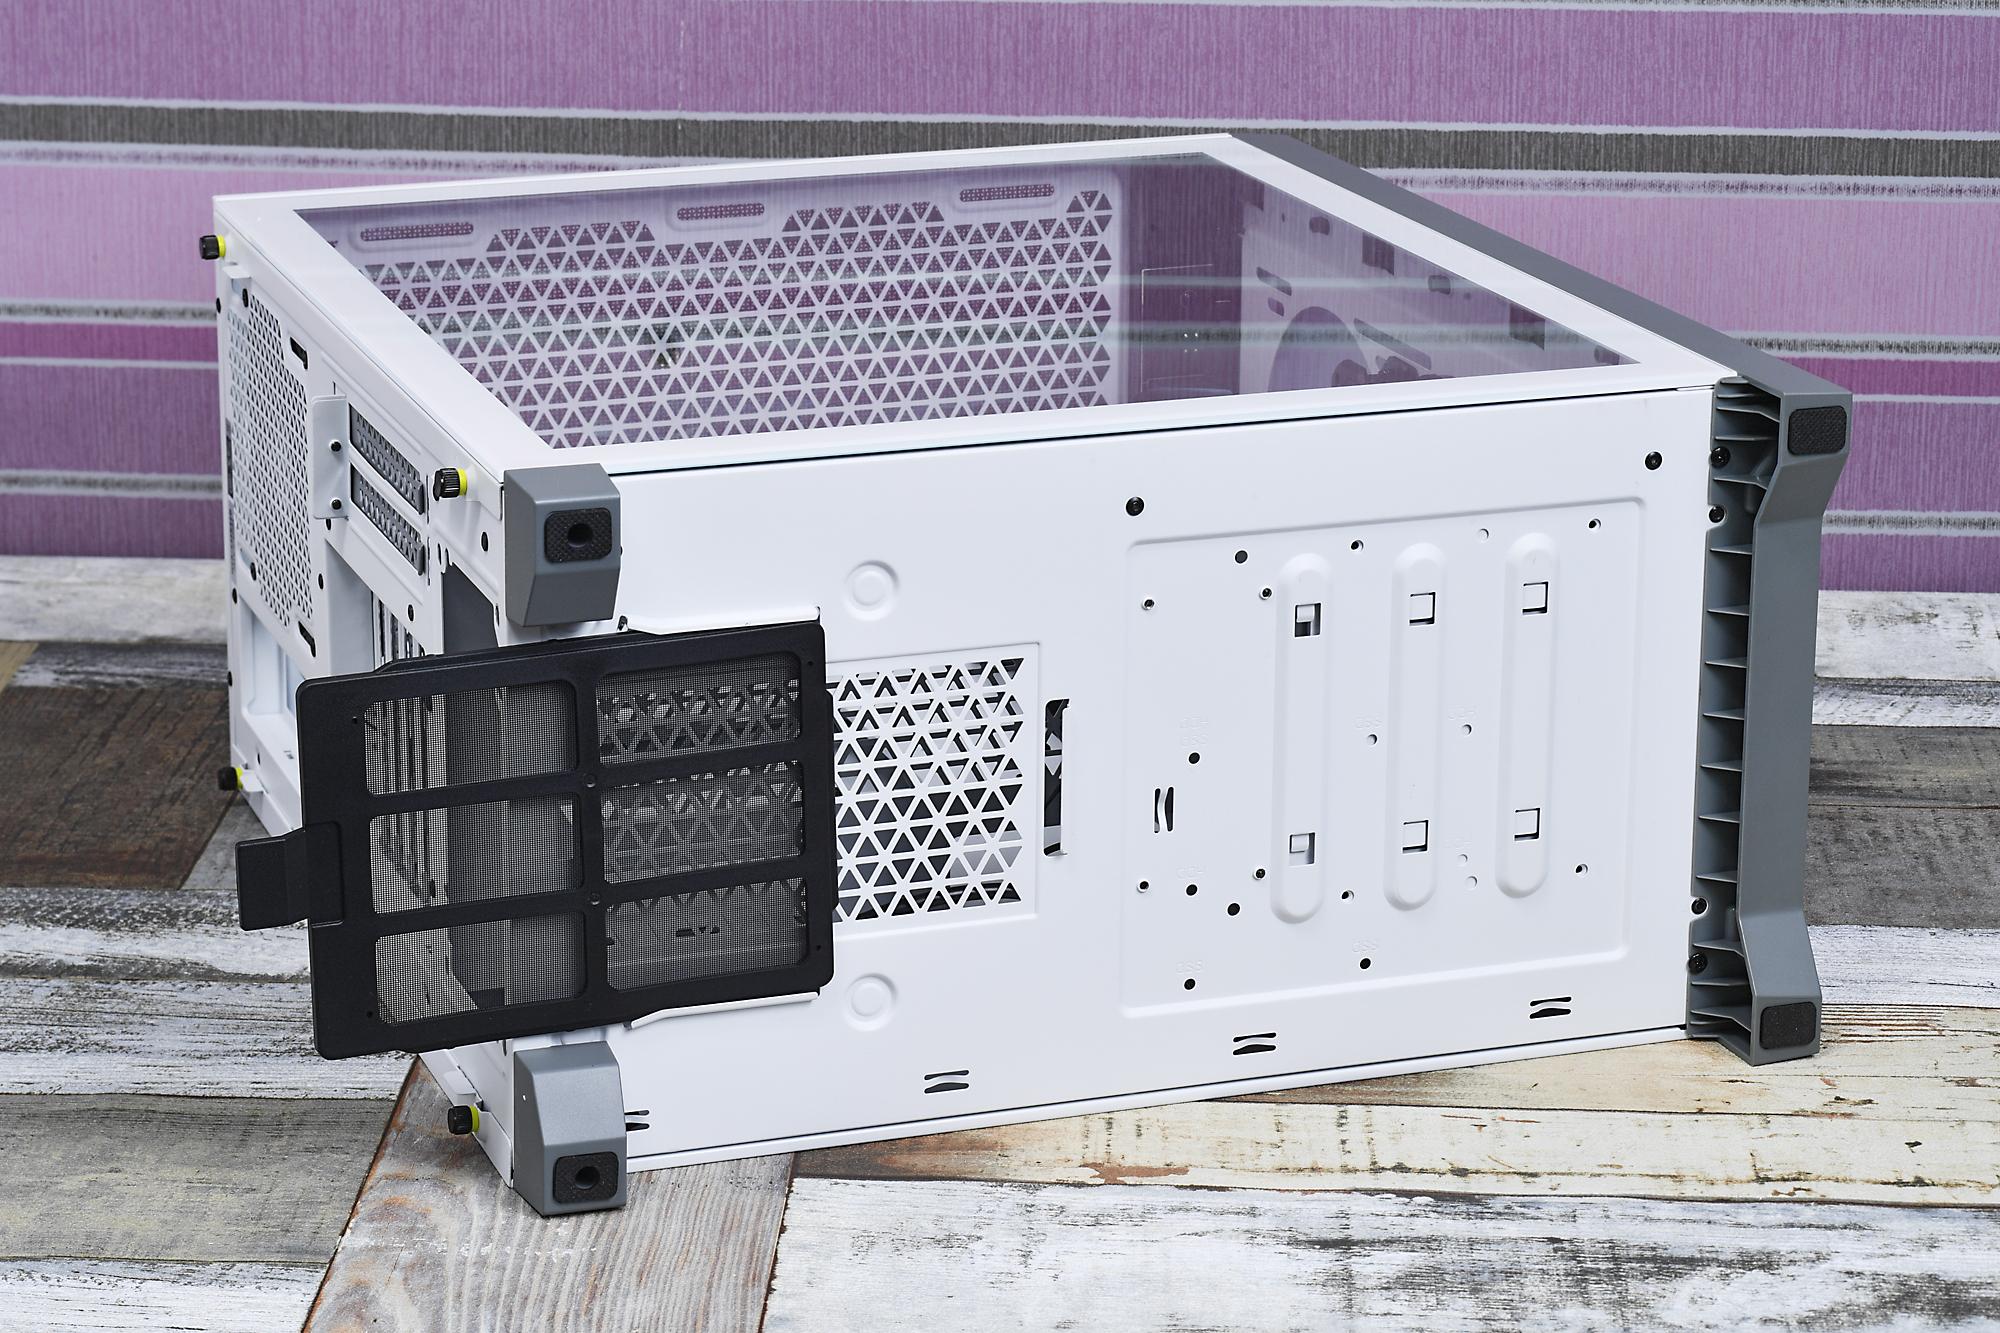 底面には高さのある足を装備し吸気性能を確保、フィルターも備えている。